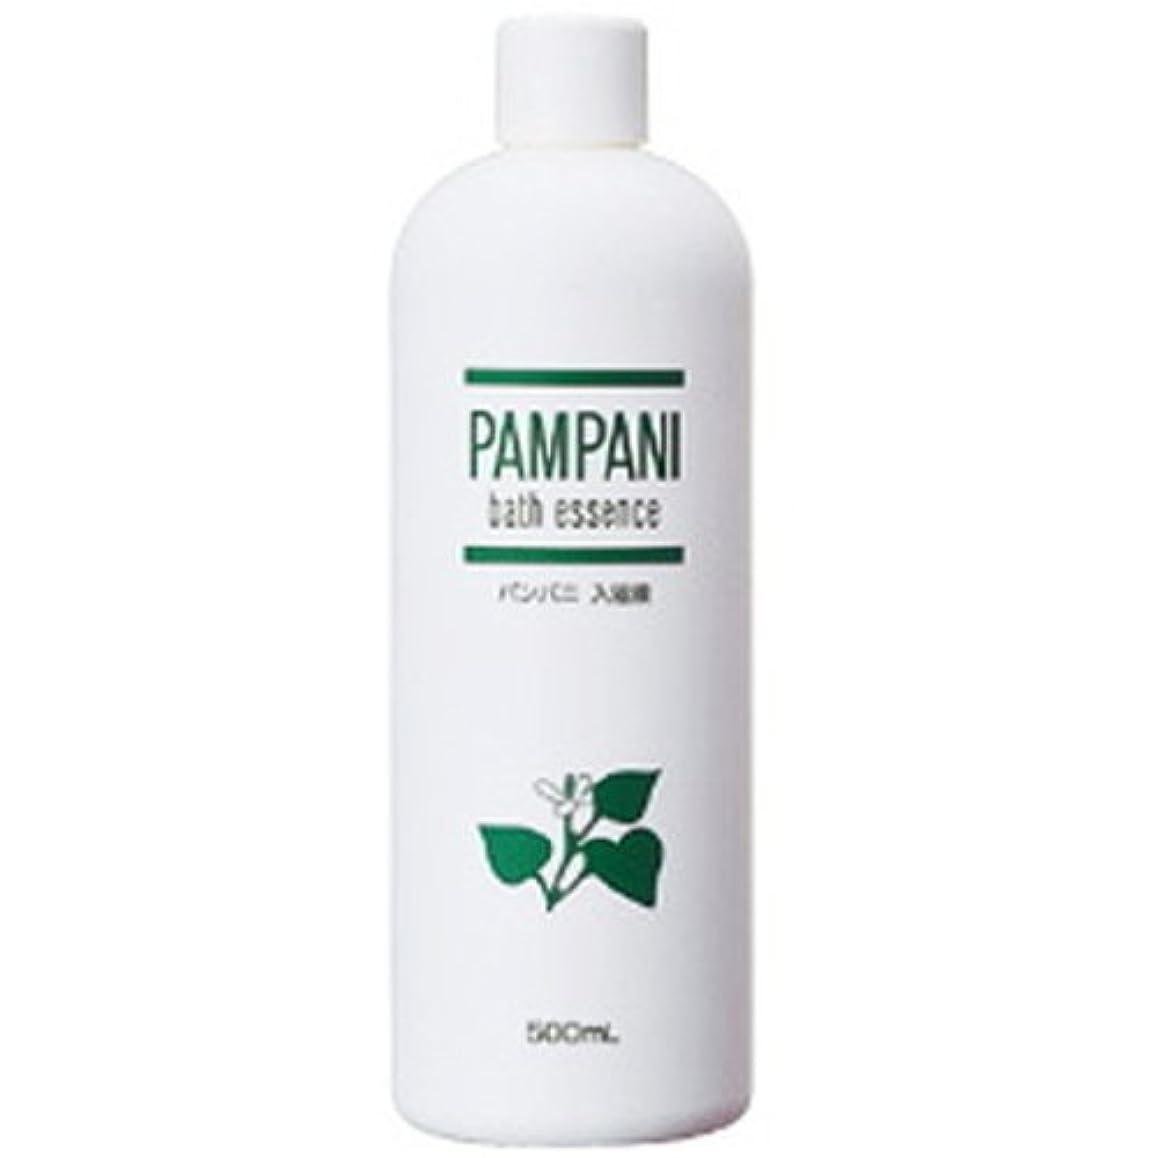 用心深いジョグ論理パンパニ(PAMPANI) 入浴液(希釈タイプ) 500ml